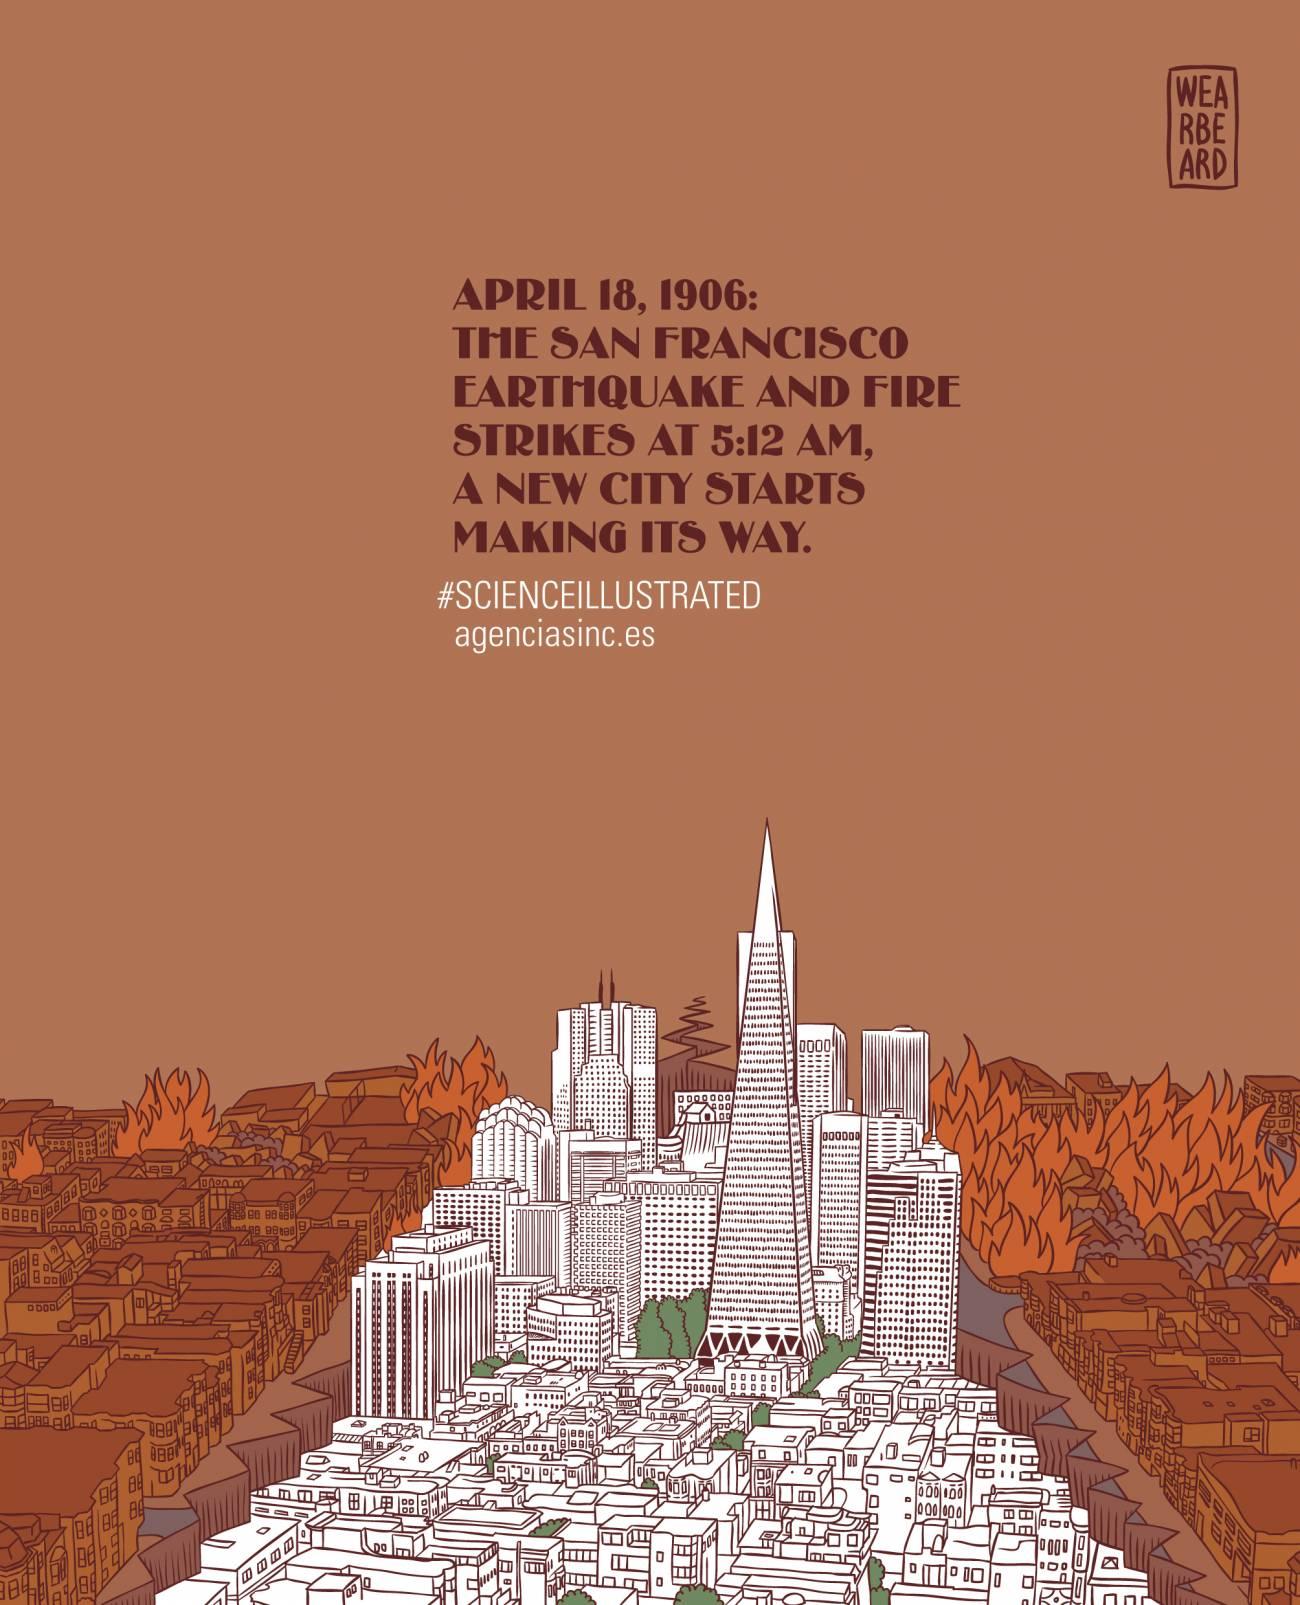 El 18 de abril de 1906, un gran terremoto golpea la ciudad de San Francisco.